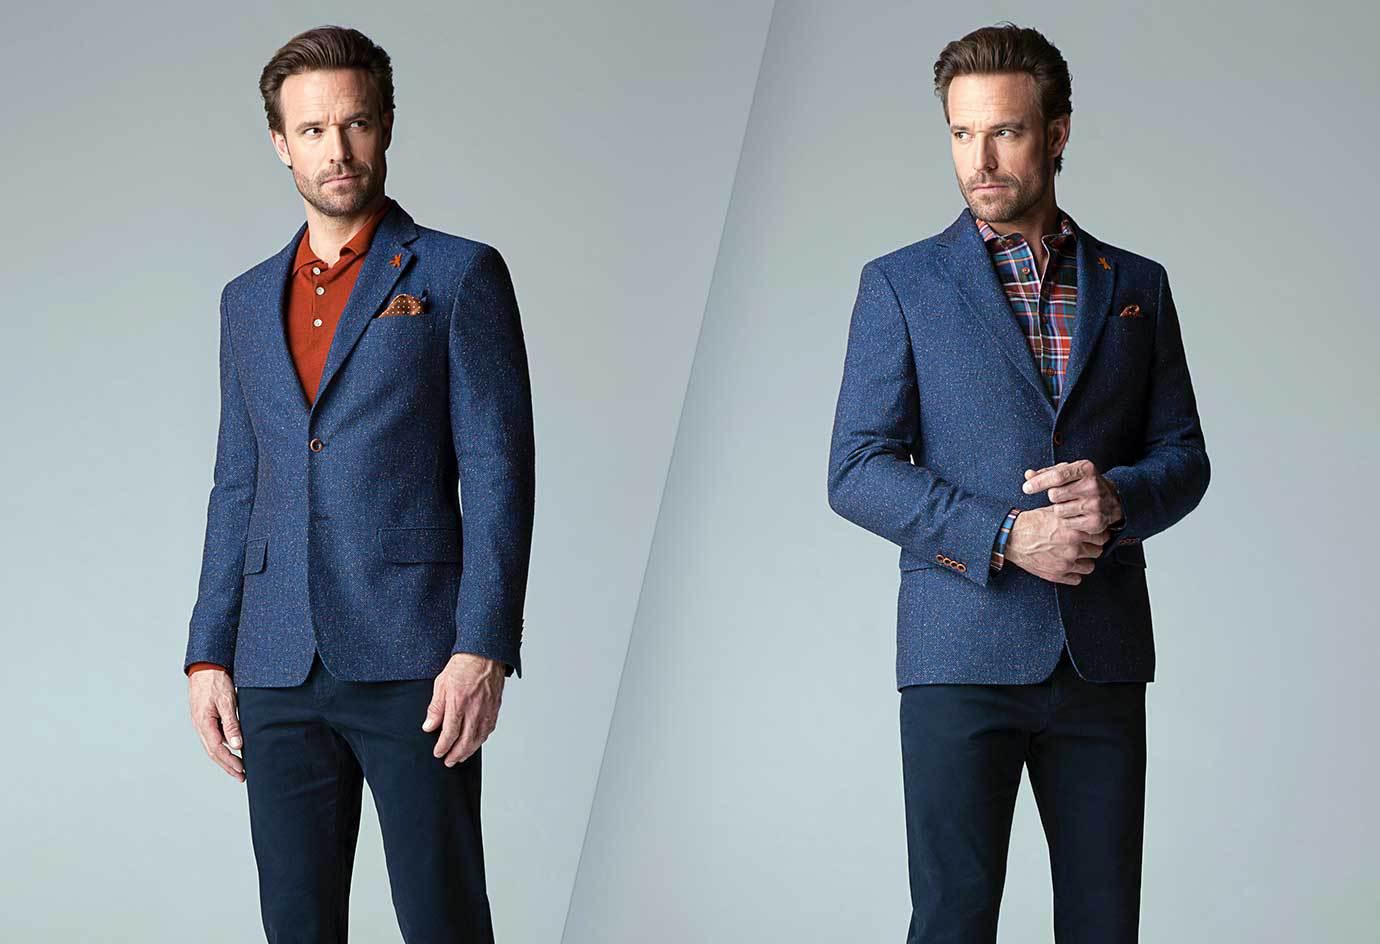 переделки одежды от дизайнеров